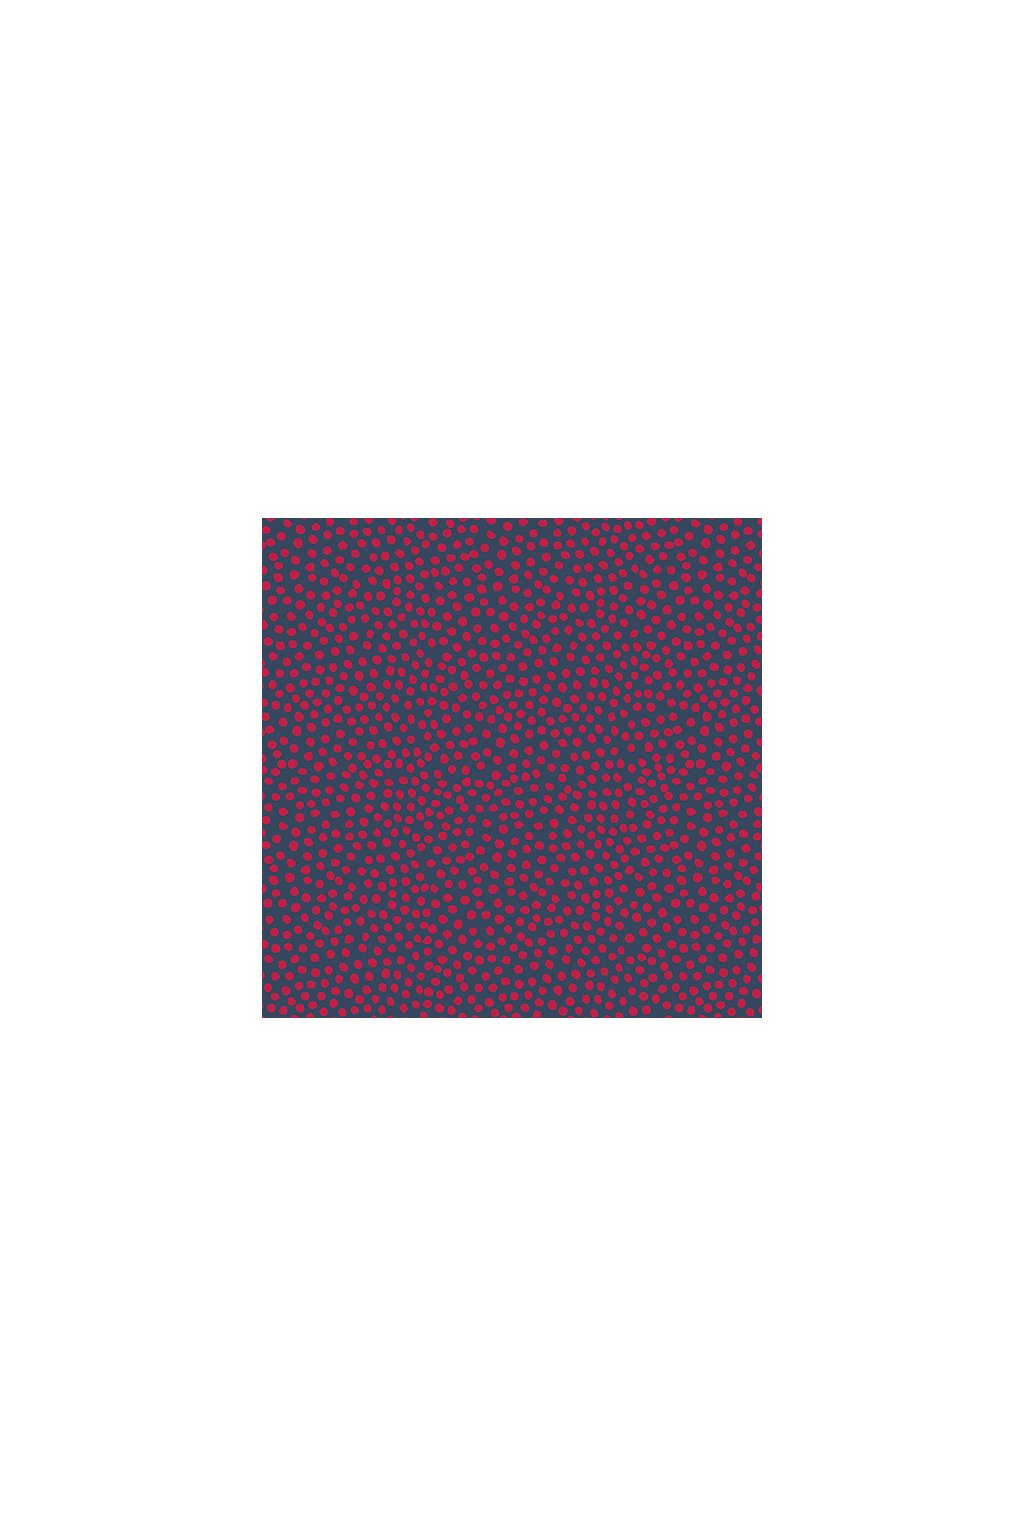 SKS 84305 Sunspots Raspberry 500px